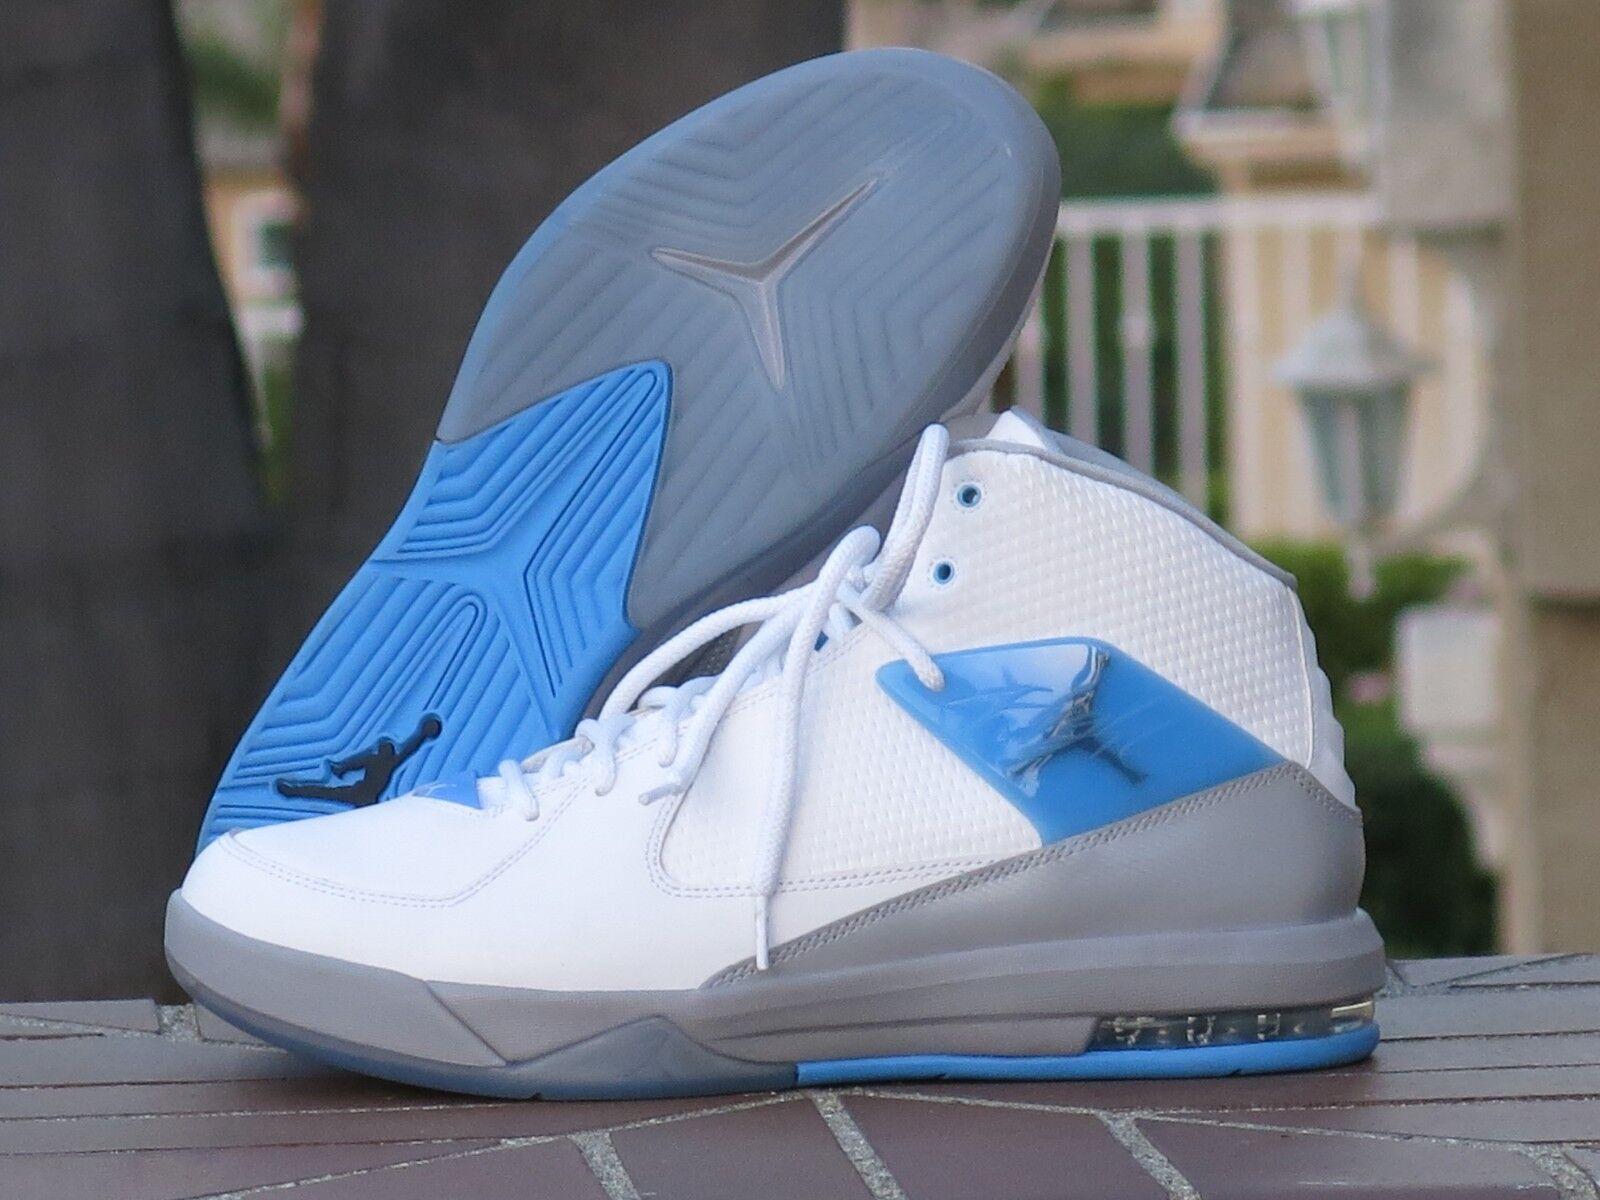 Nike Air Jordan Incline Men's Basketball Sneakers 705796-106 SZ 12